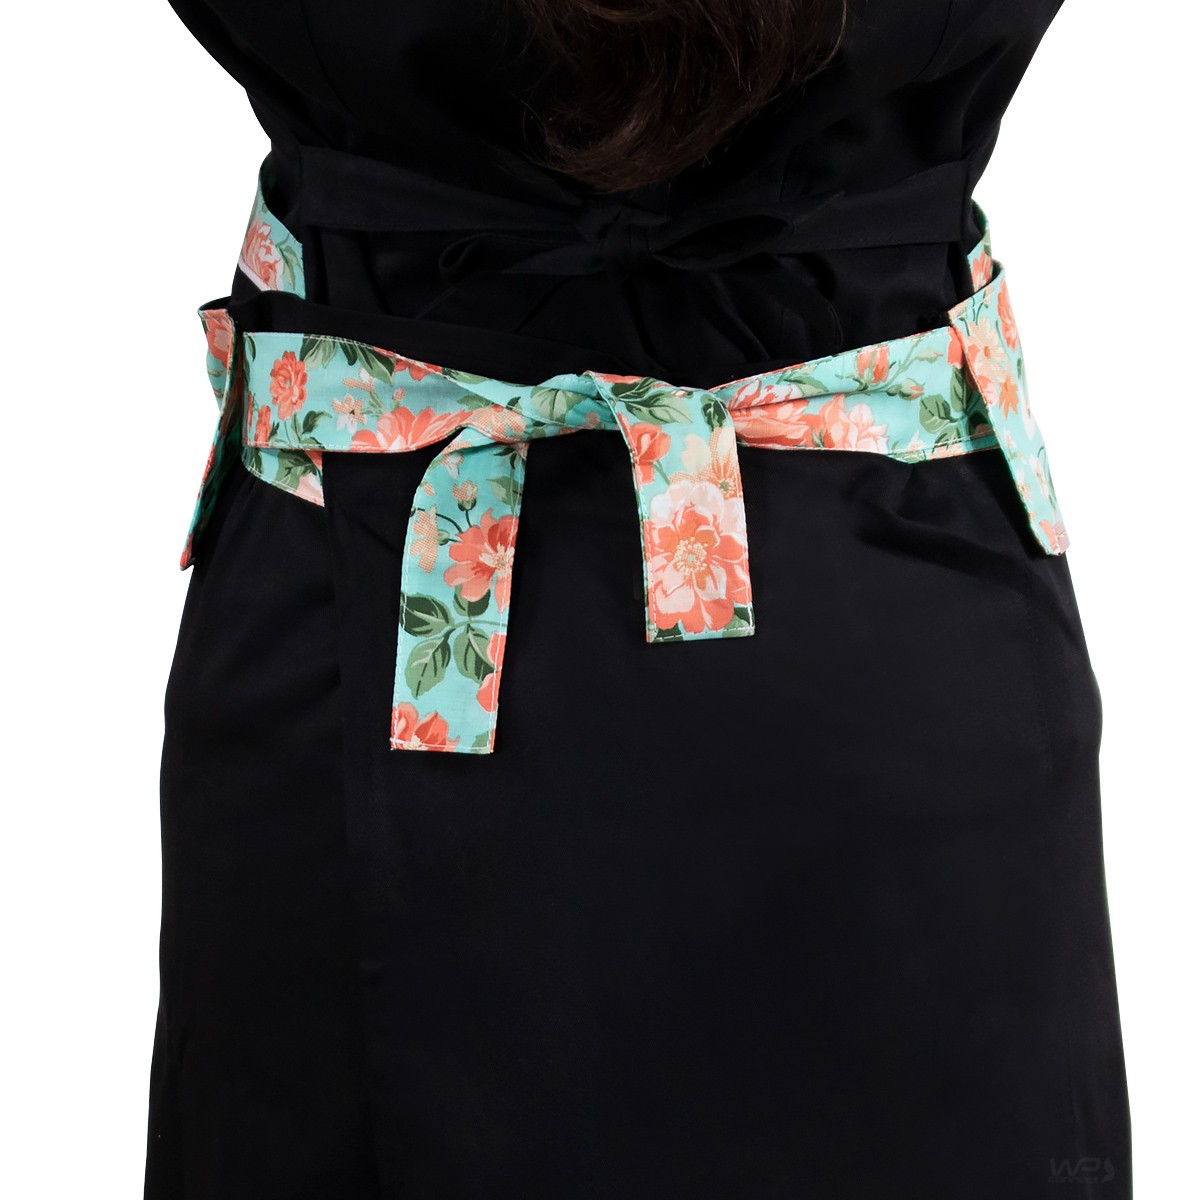 Avental de Cintura Chef de Cozinha Detalhe Floral Verde Tipo Saia